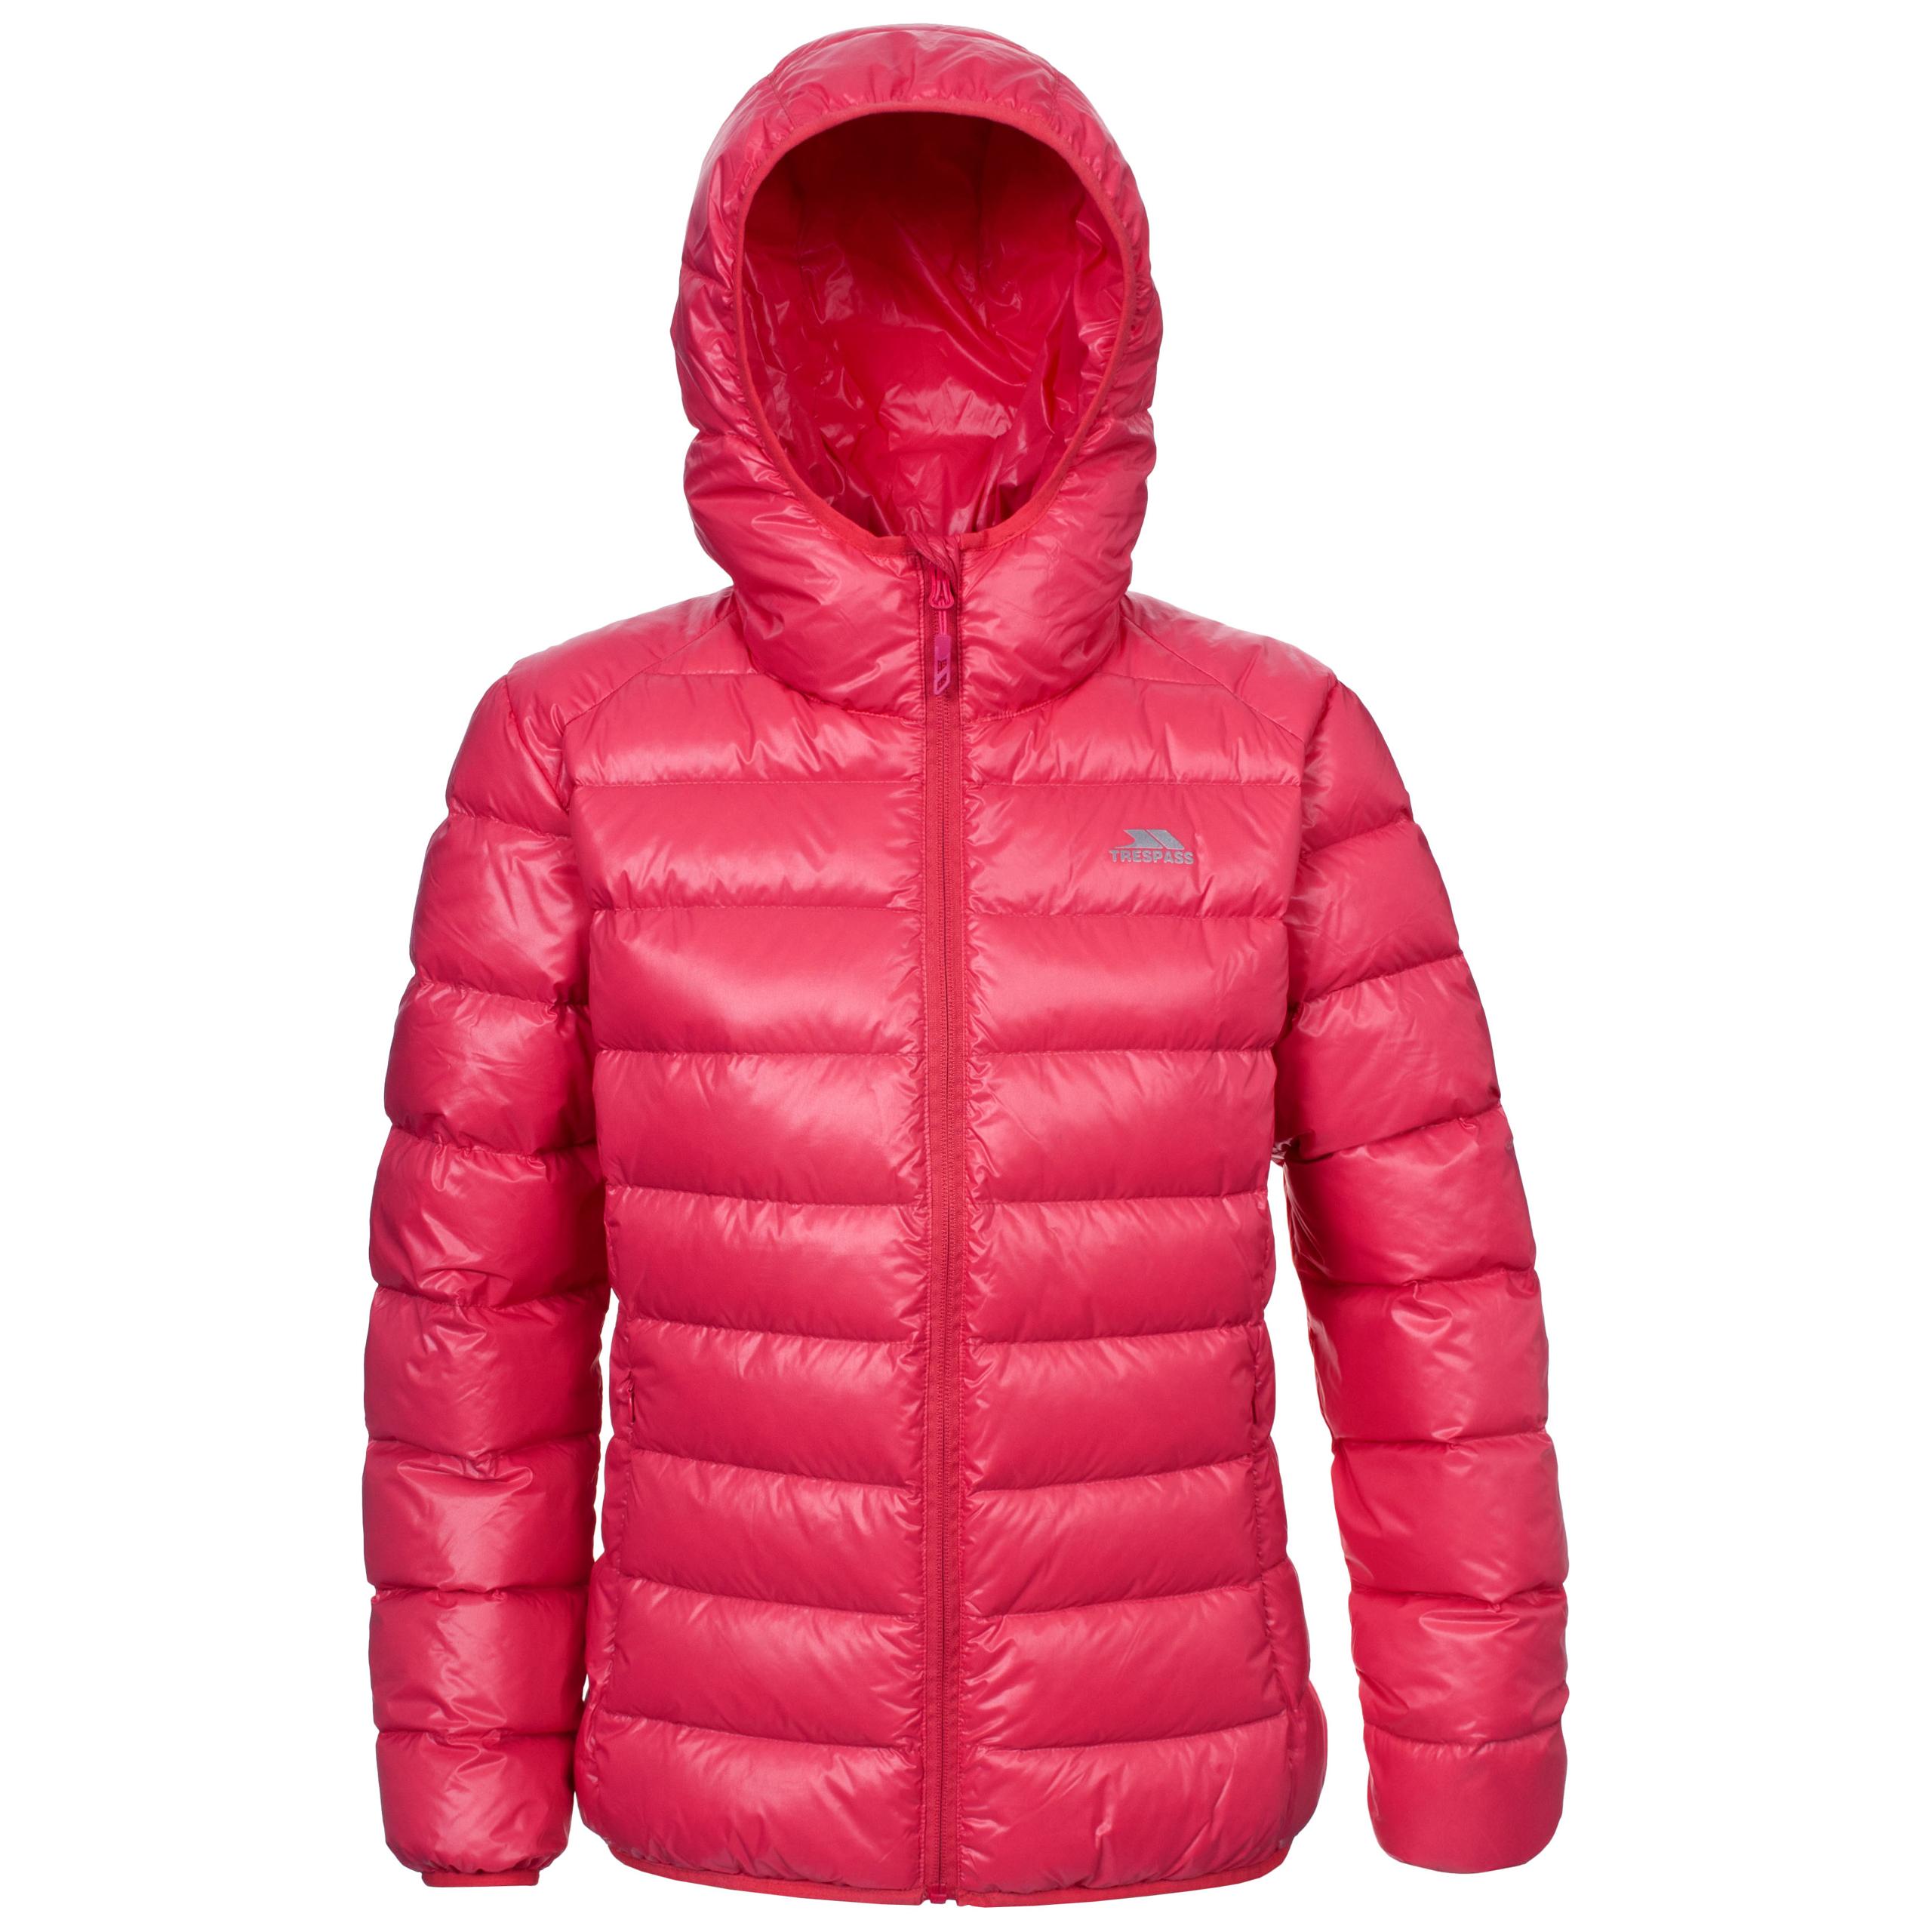 Bubble jacket women